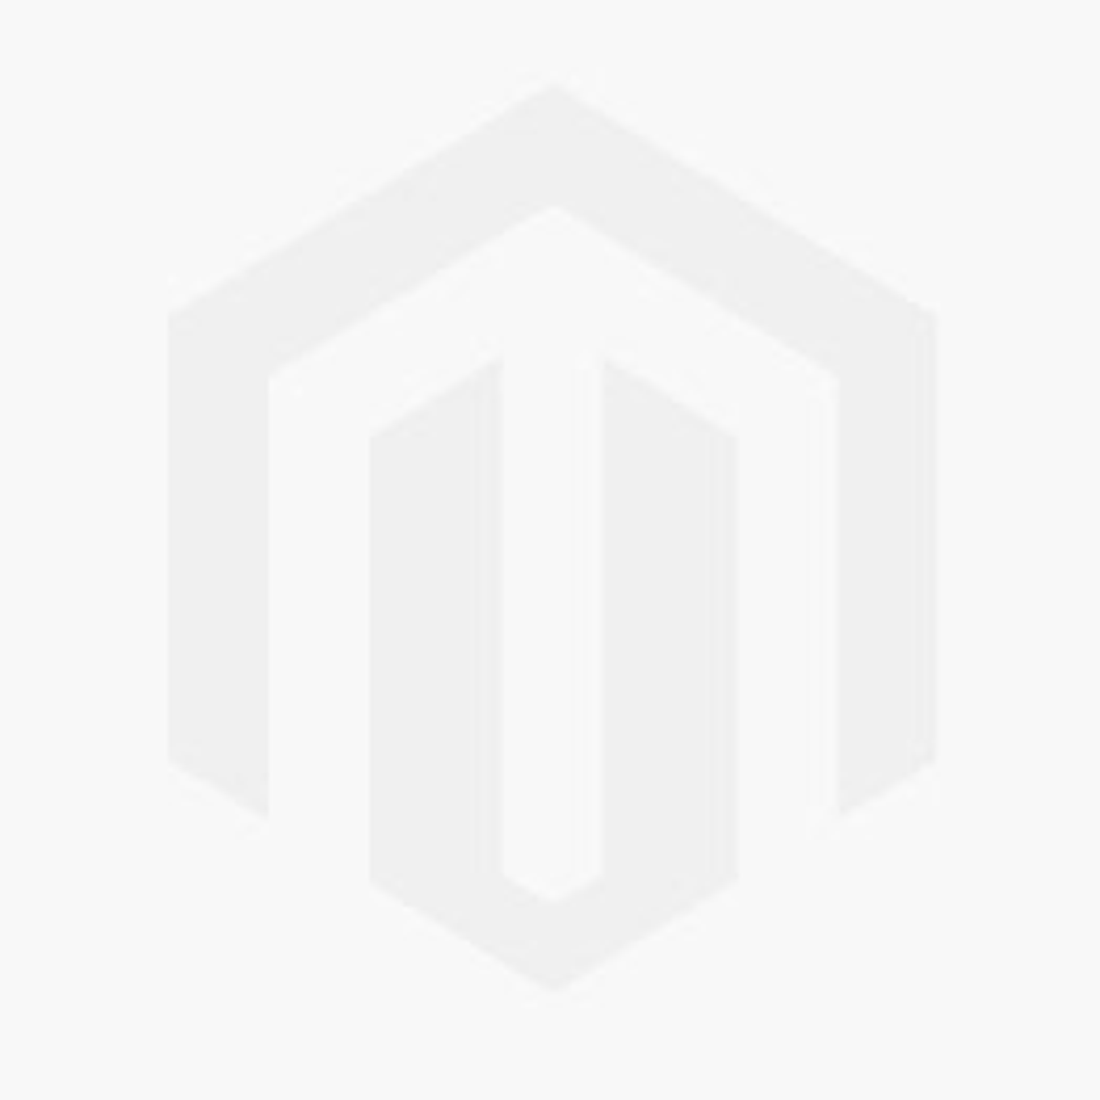 Leon Spilliaert Beech Trunks Repro Print 62 x 44 cm